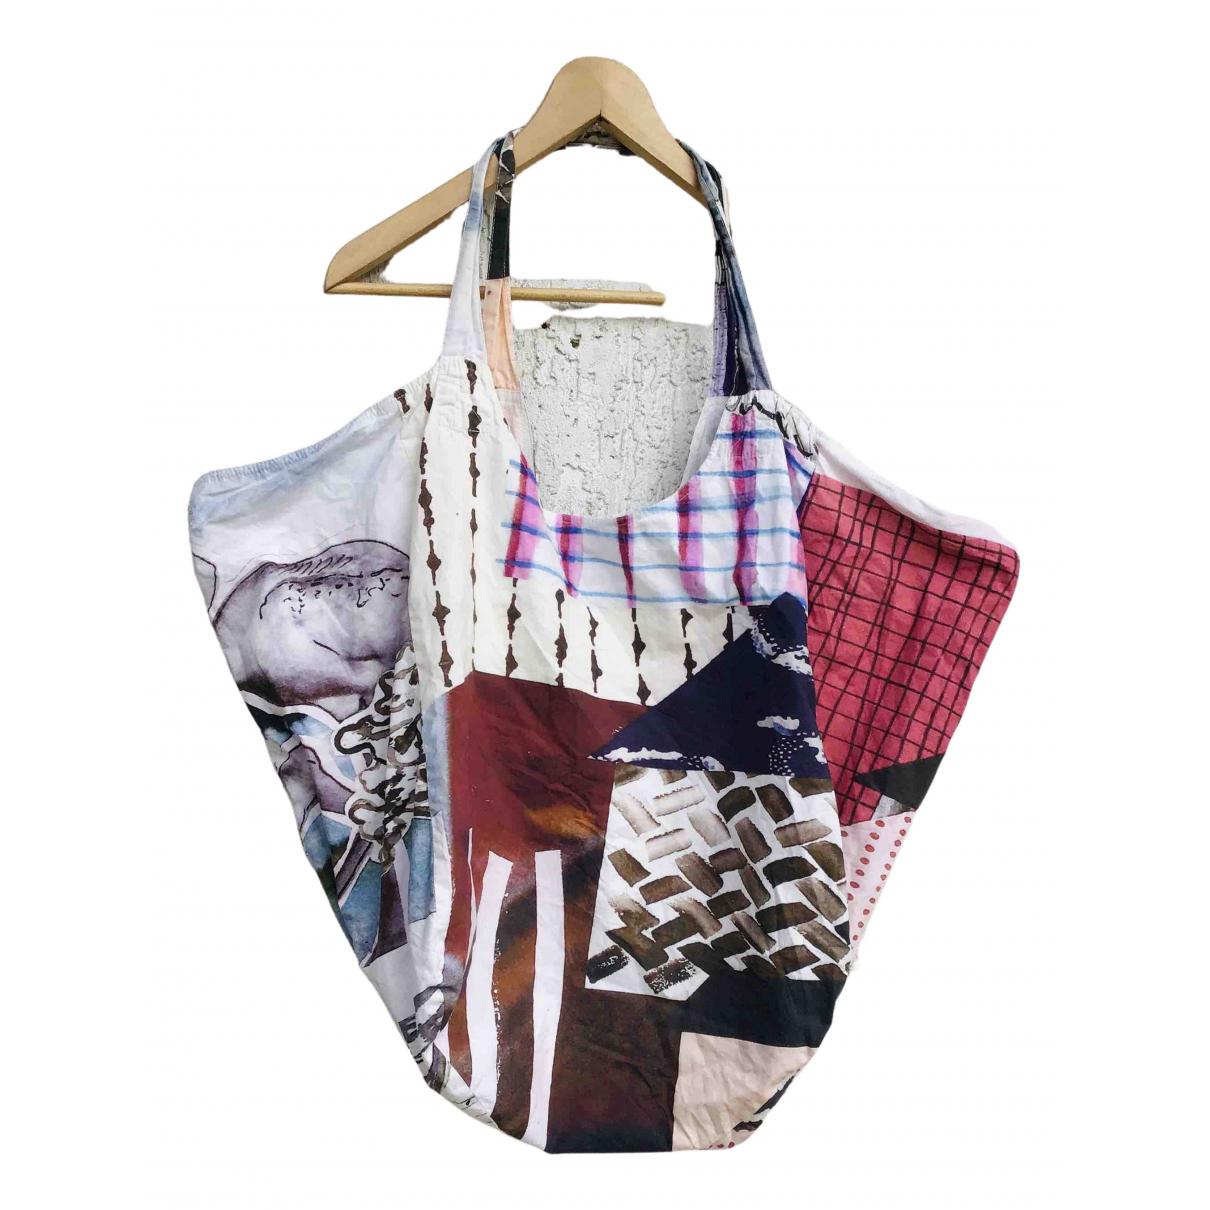 Beck Sonder Gaard - Sac de voyage   pour femme en coton - multicolore